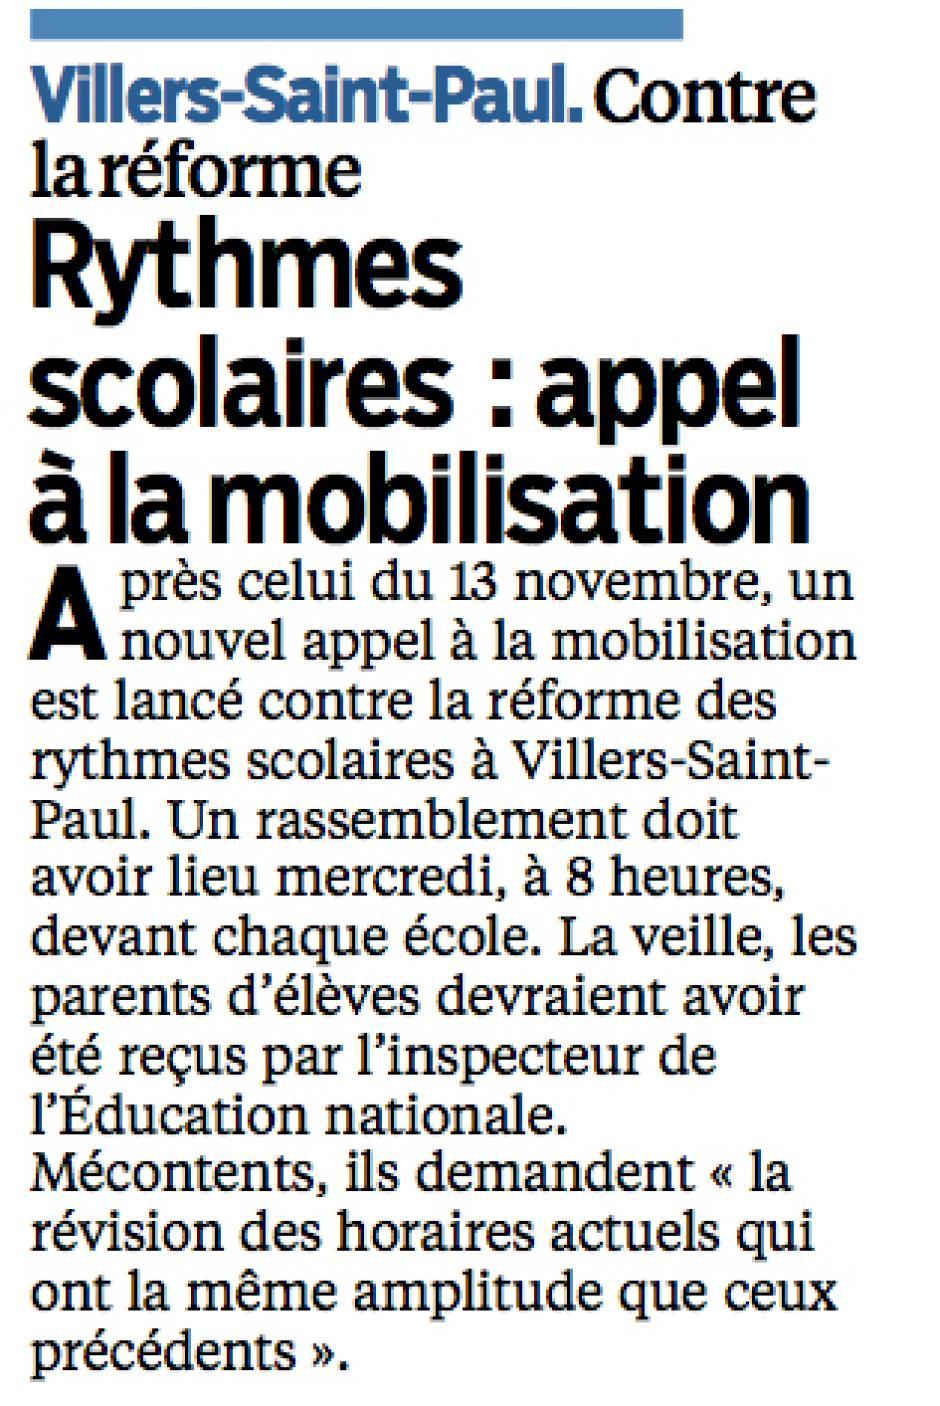 20131209-LeP-Villers-Saint-Paul-Rythmes scolaires : appel à la mobilisation